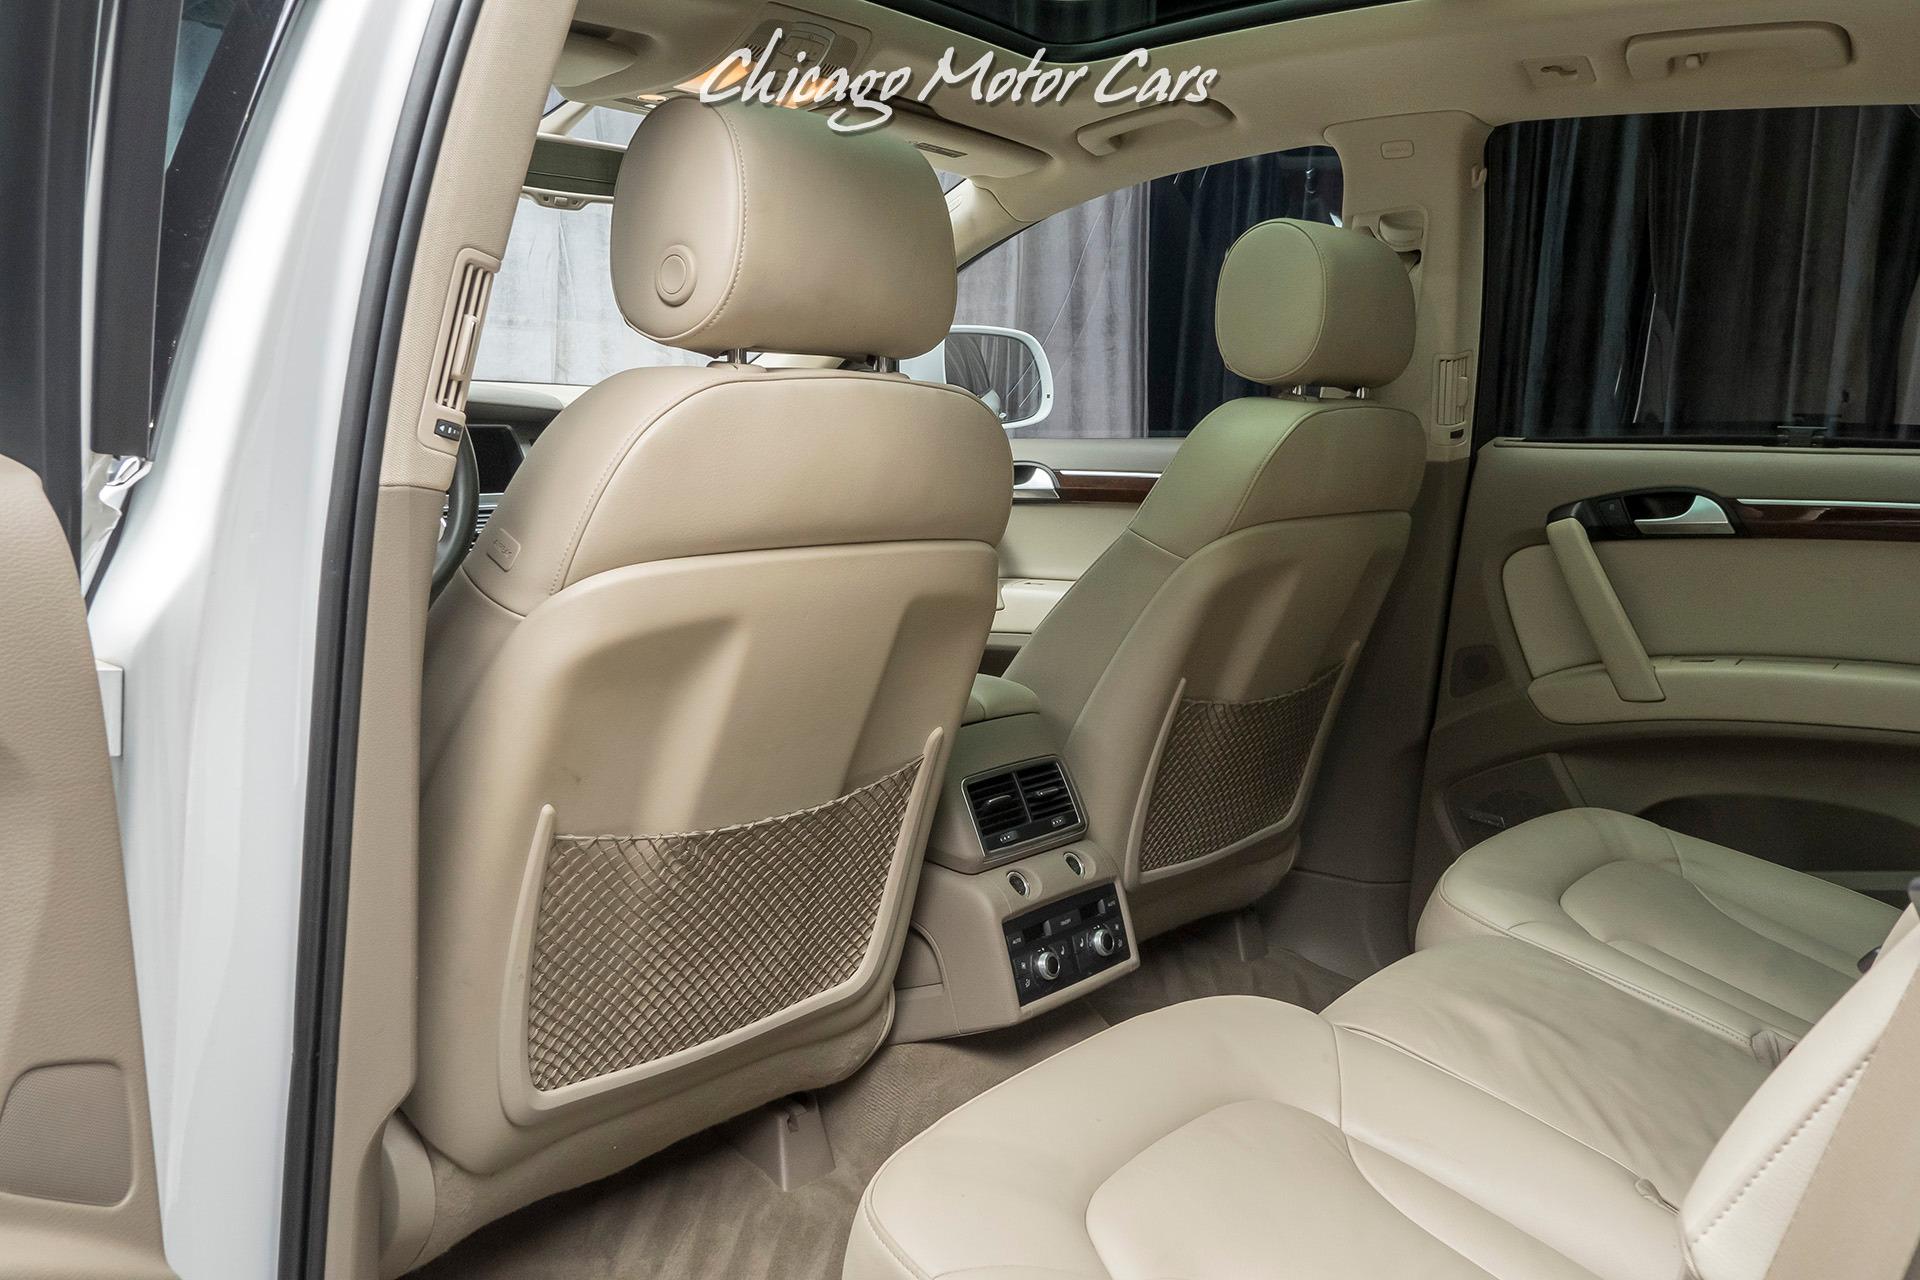 Used 2011 Audi Q7 3 0 Quattro Tdi Premium Plus For Sale Special Pricing Chicago Motor Cars Stock 16667